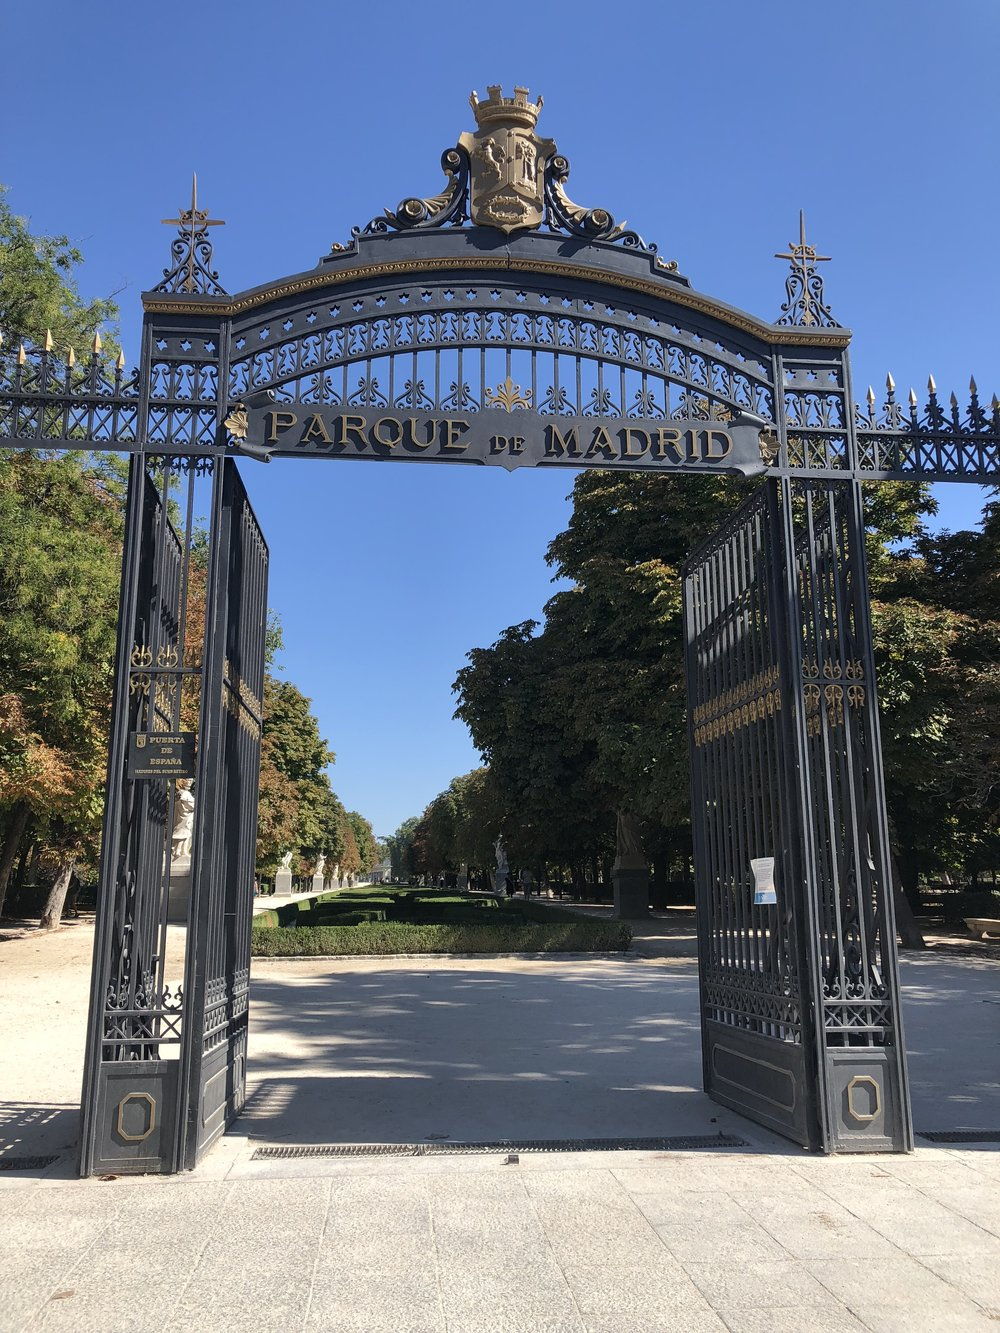 Parque del Buen Retiro. Madrid, Spain.